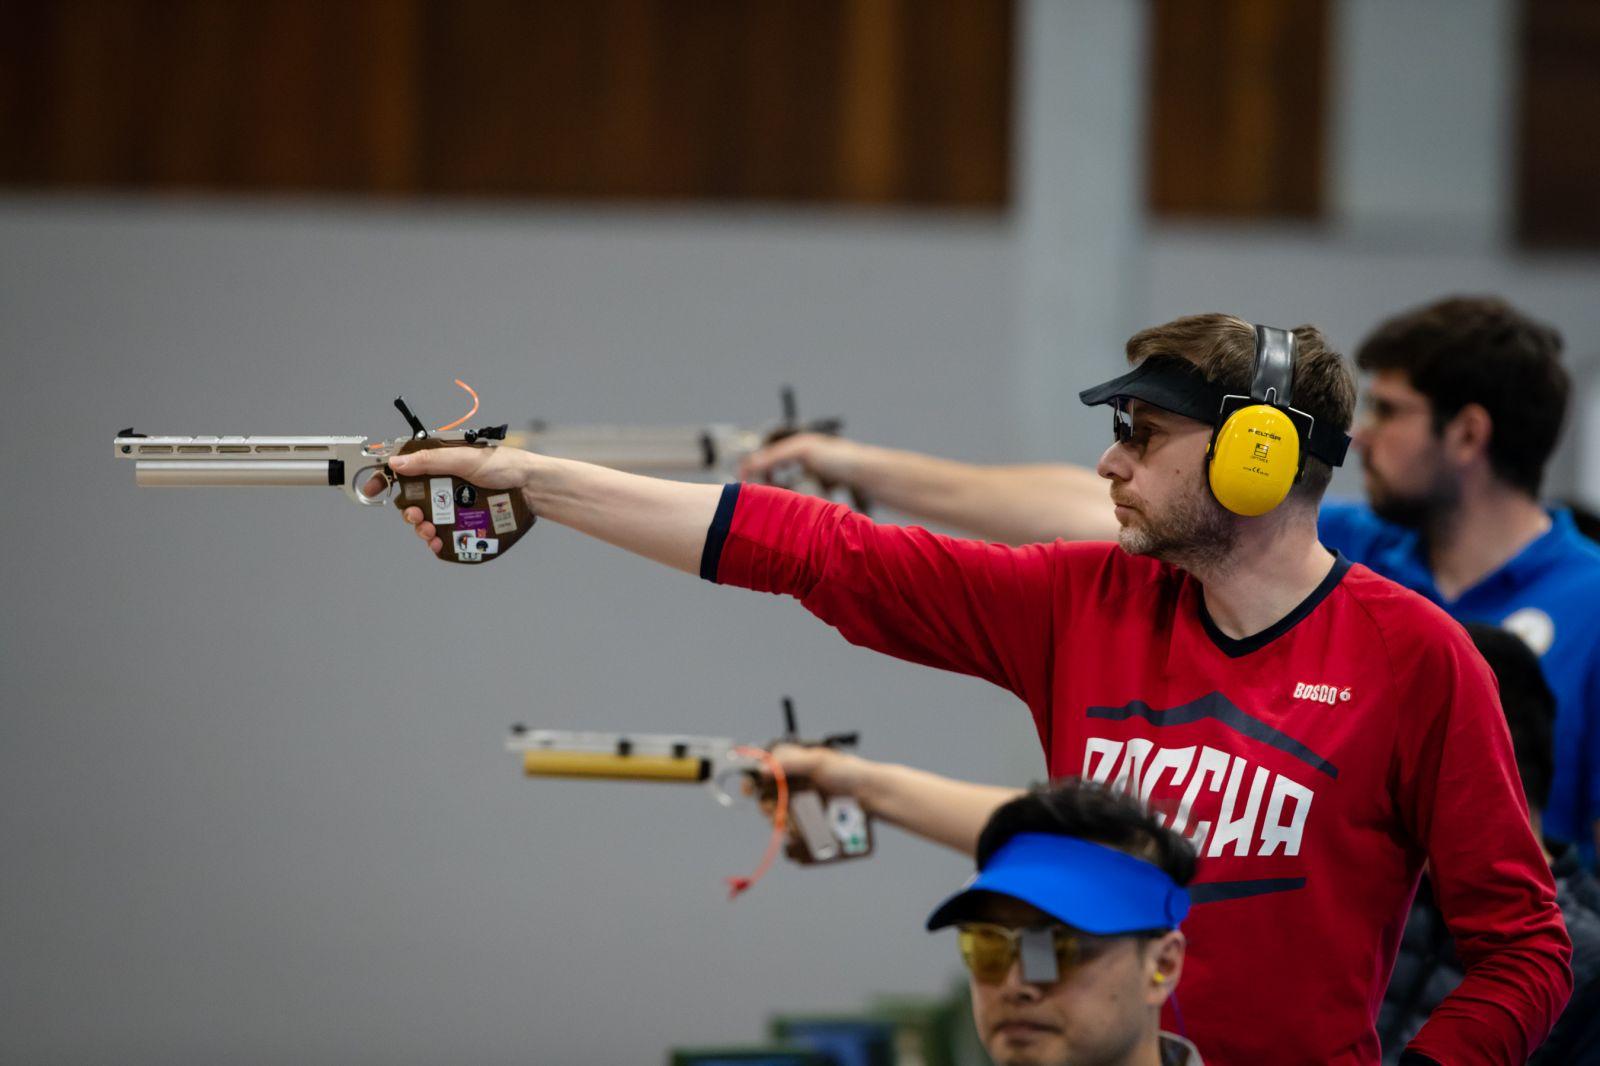 Саратовский спортсмен Сергей Малышев завоевал серебряную медаль в заключительный день чемпионата мира по пулевой стрельбе МПК в Австралии